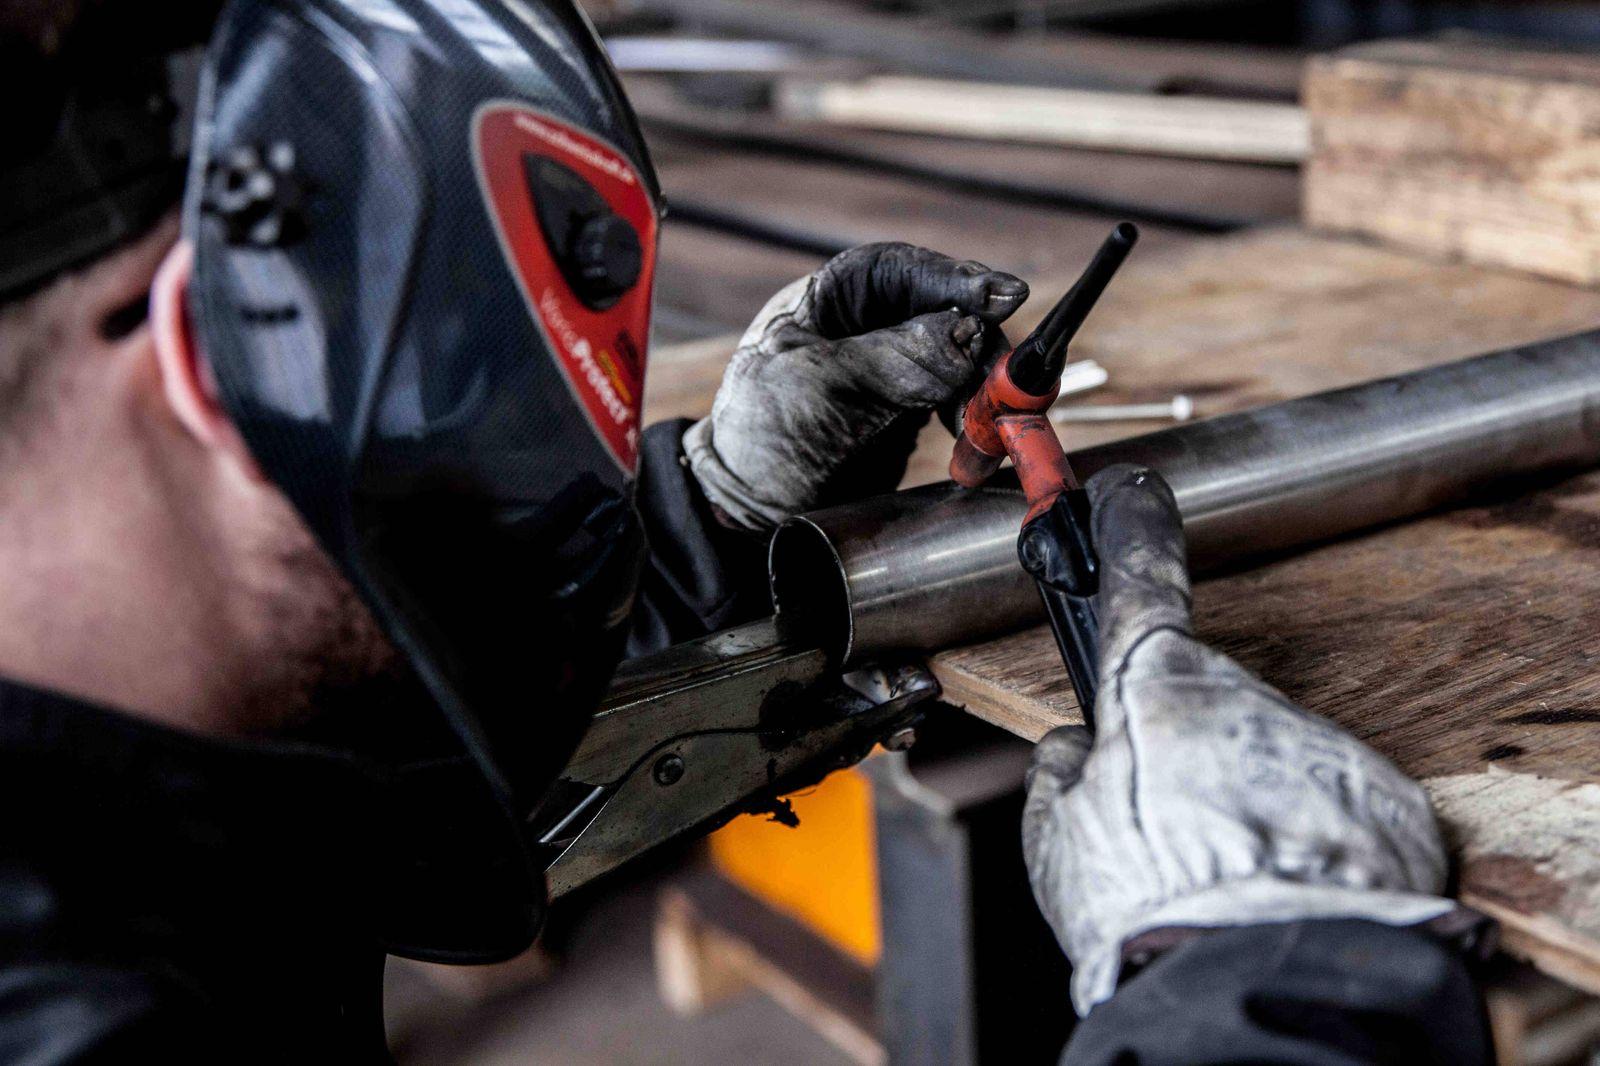 Bamberg, Deutschland 10. April 2021: Ein Arbeiter, Schweisser, mit der erforderlichen Schutzausrüstung, welche unter and